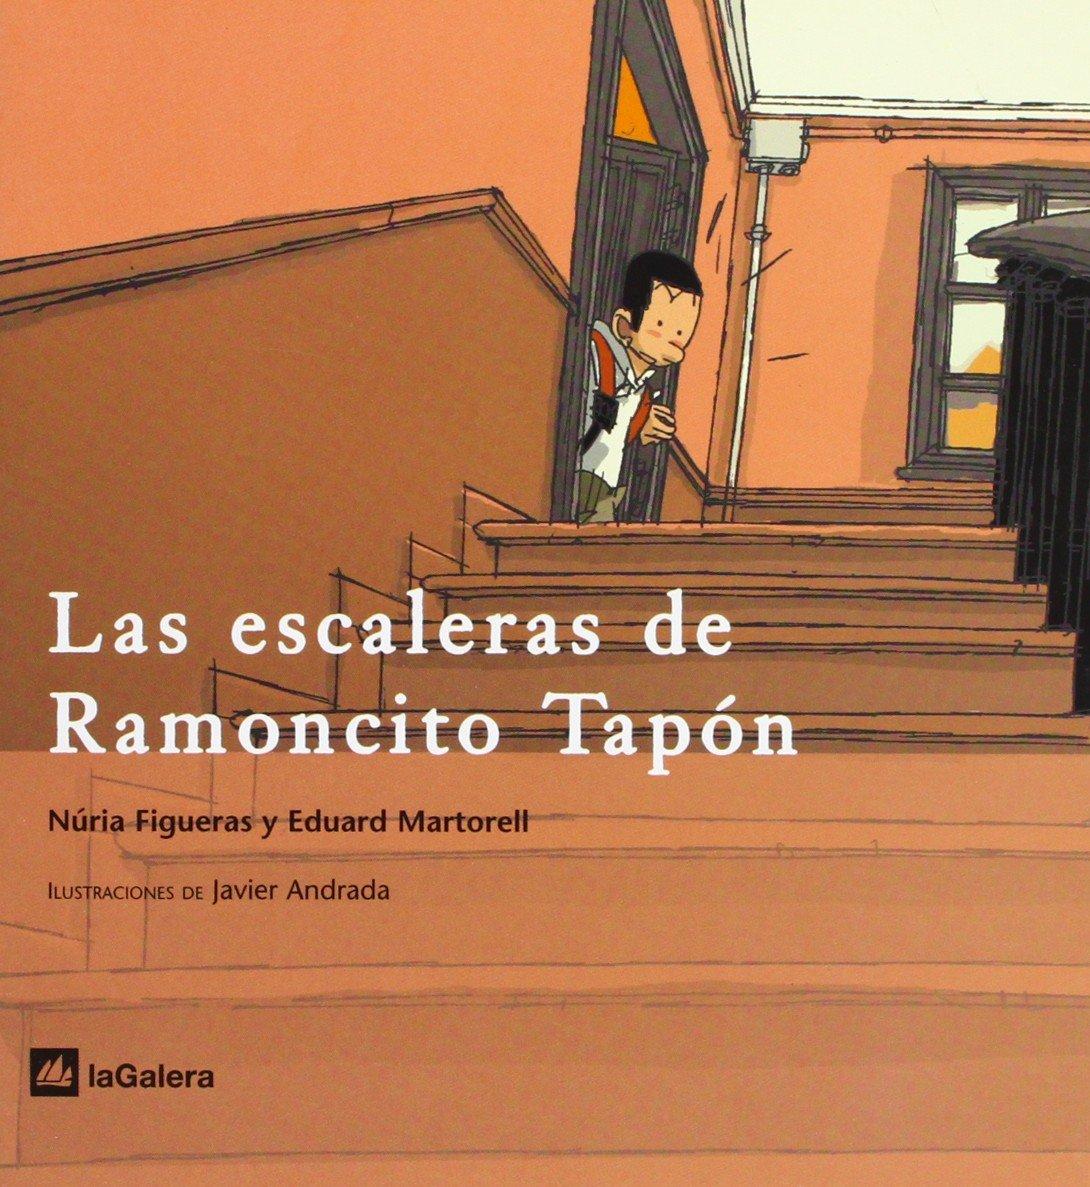 Las escaleras de Ramoncito Tapón El botiquín de La Galera: Amazon.es: Figueras Adell, Núria, Martorell, Eduard, Andrada, Javier, Rodríguez, Paulino: Libros